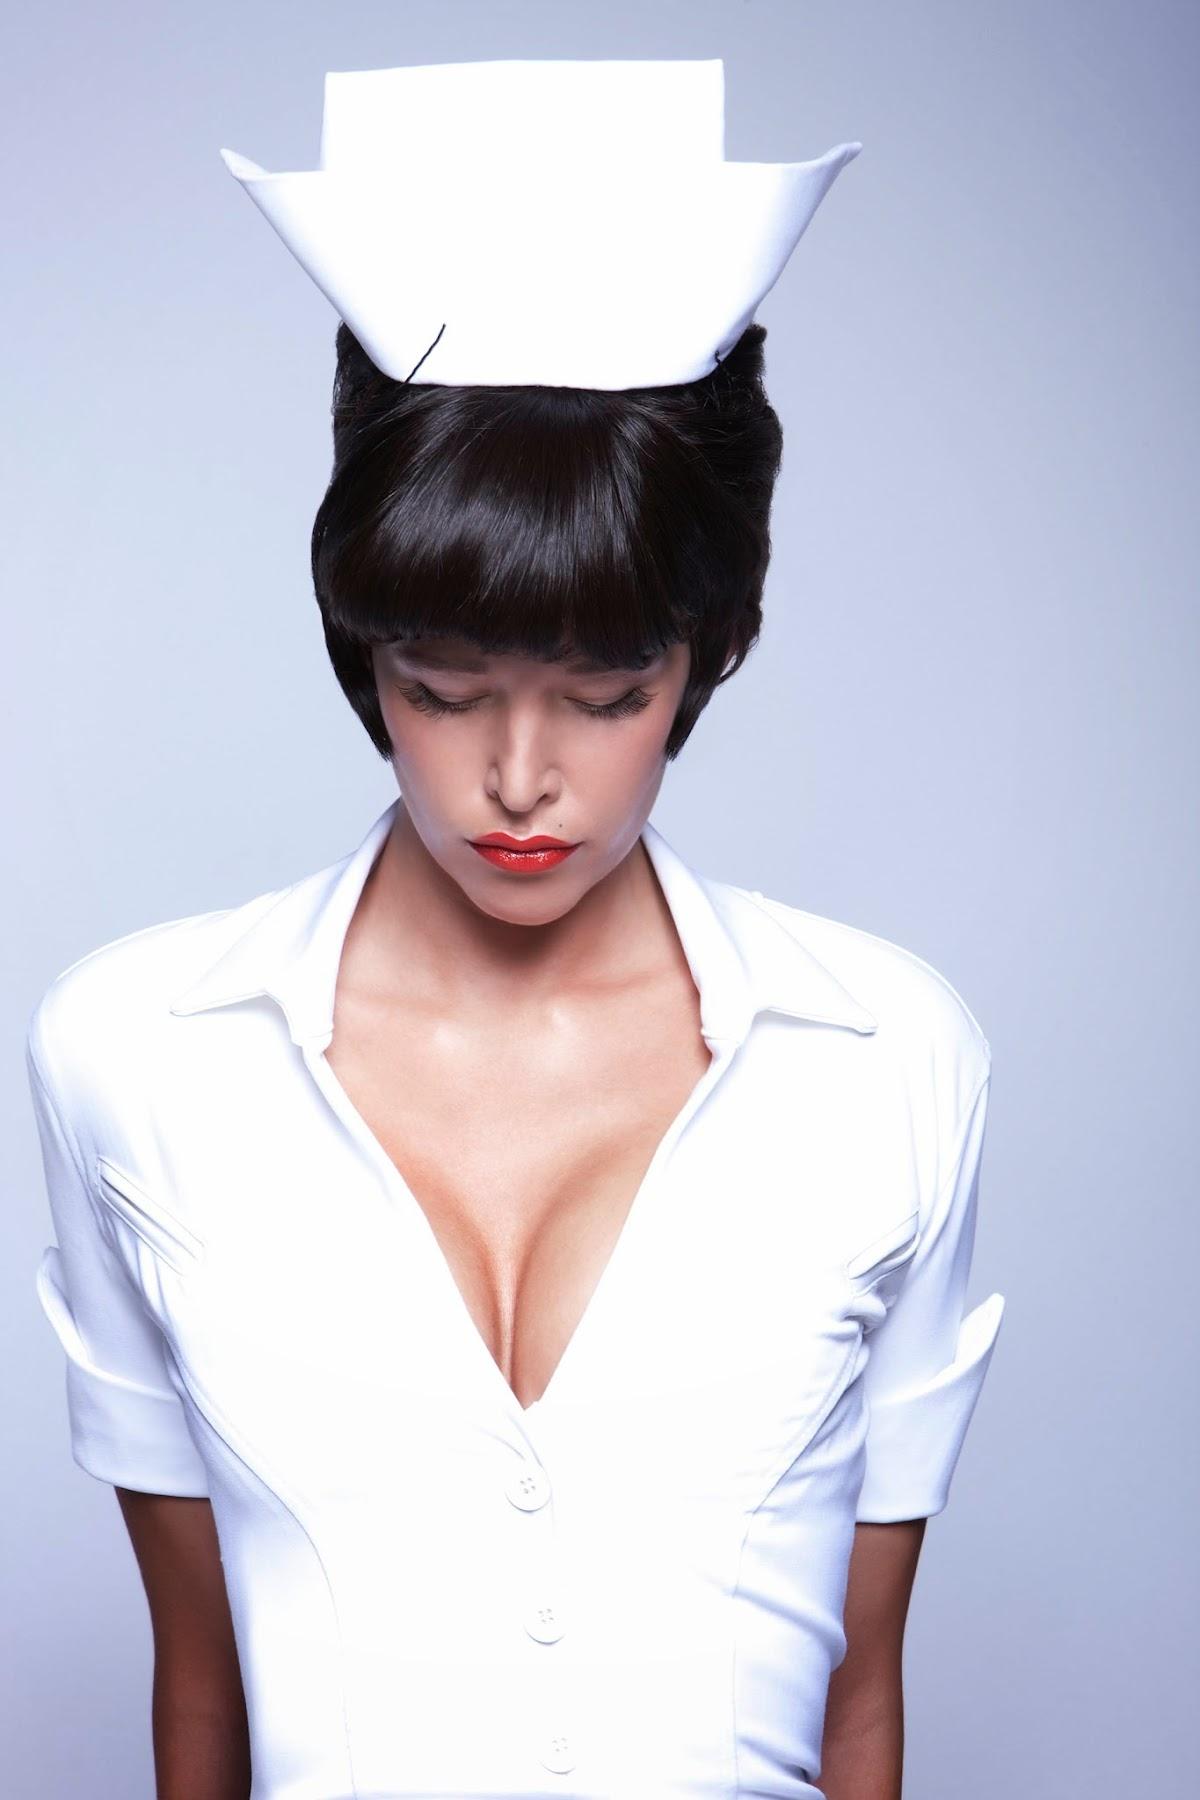 http://4.bp.blogspot.com/-X5r_GJjMi_I/Uu1r4w-pp1I/AAAAAAAARjk/hK-gsAAuWfk/s1800/nurse3.jpg